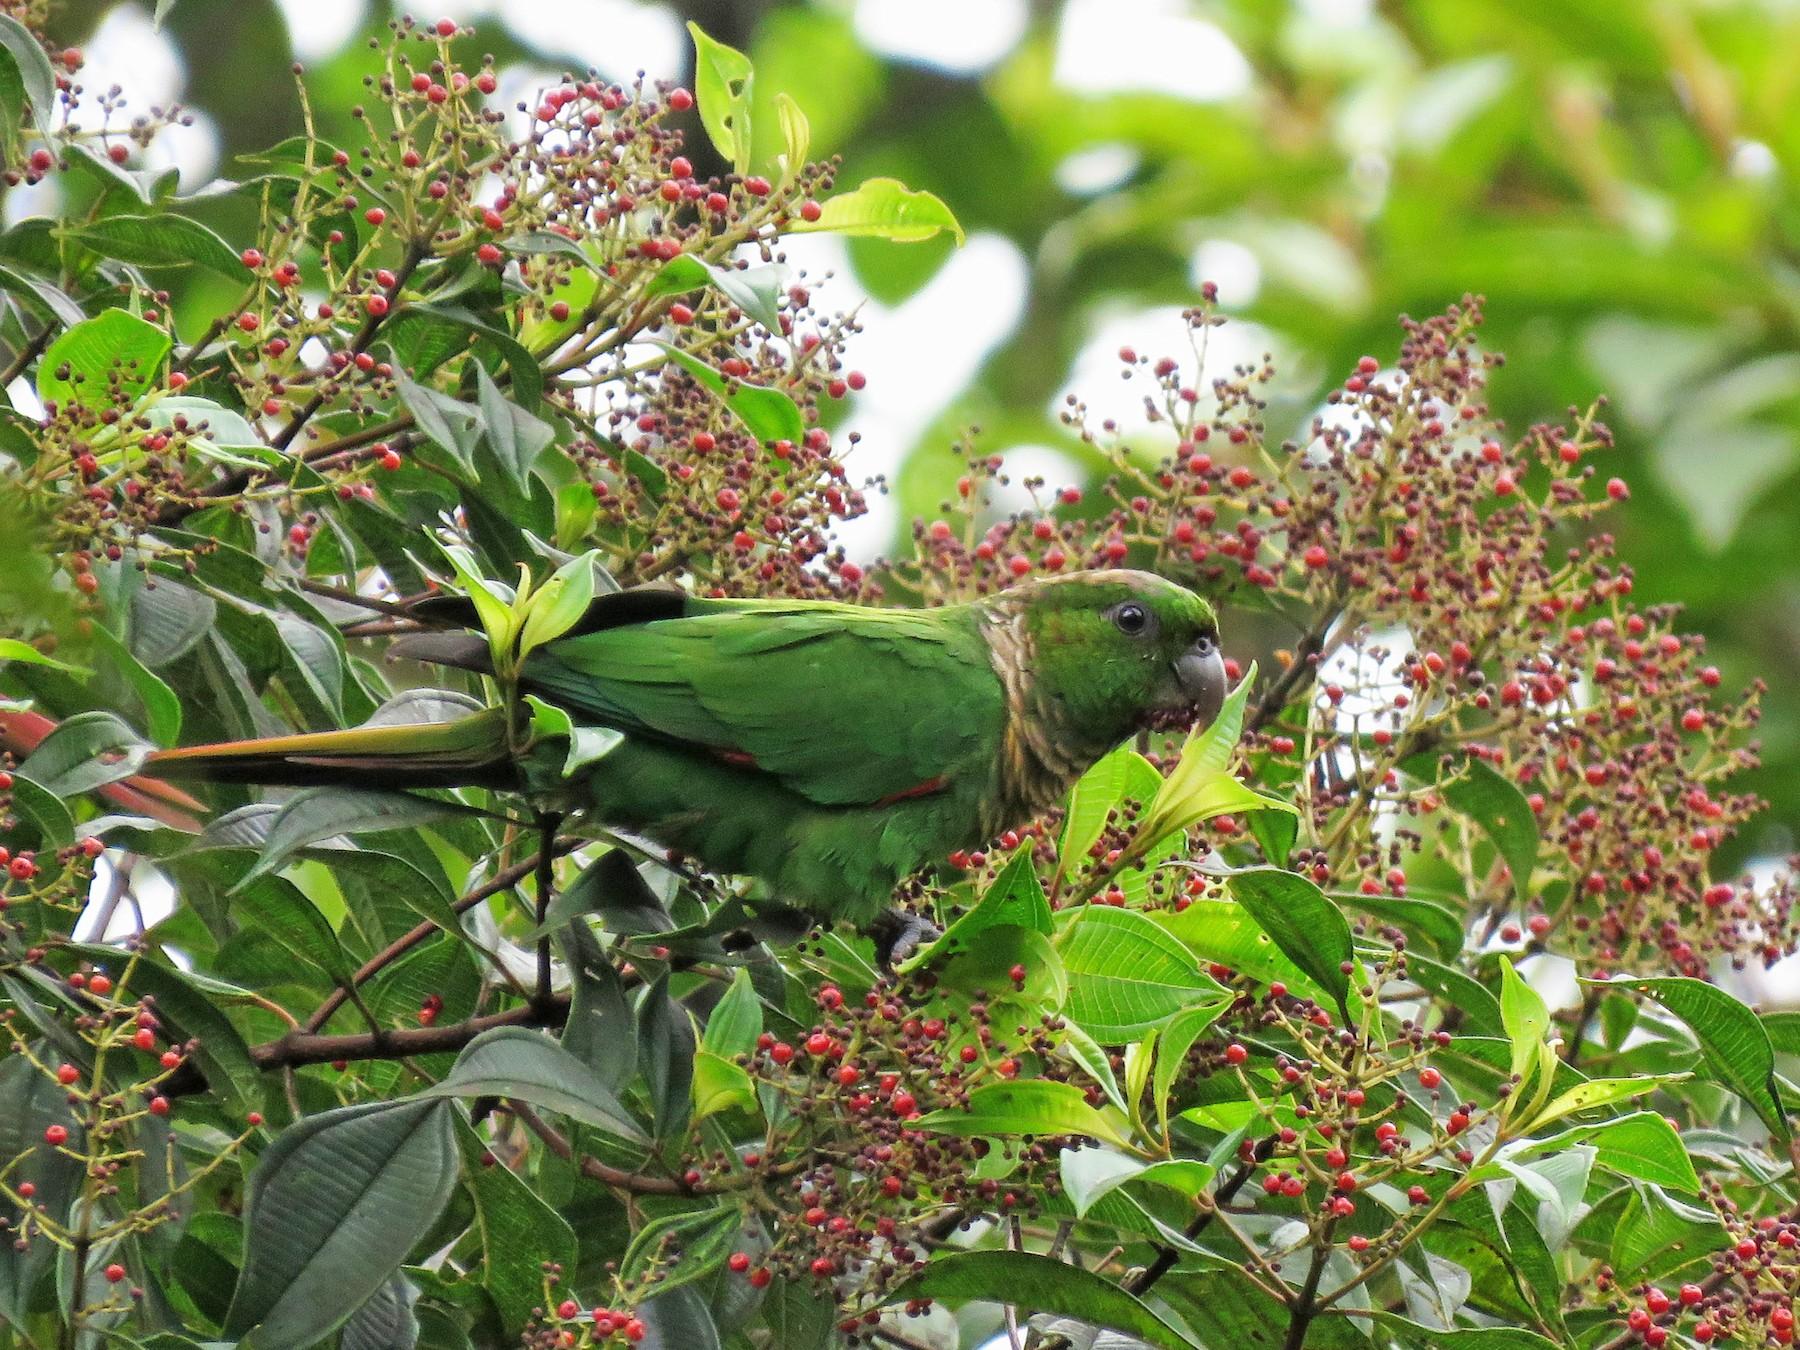 Maroon-tailed Parakeet - Iván Lau